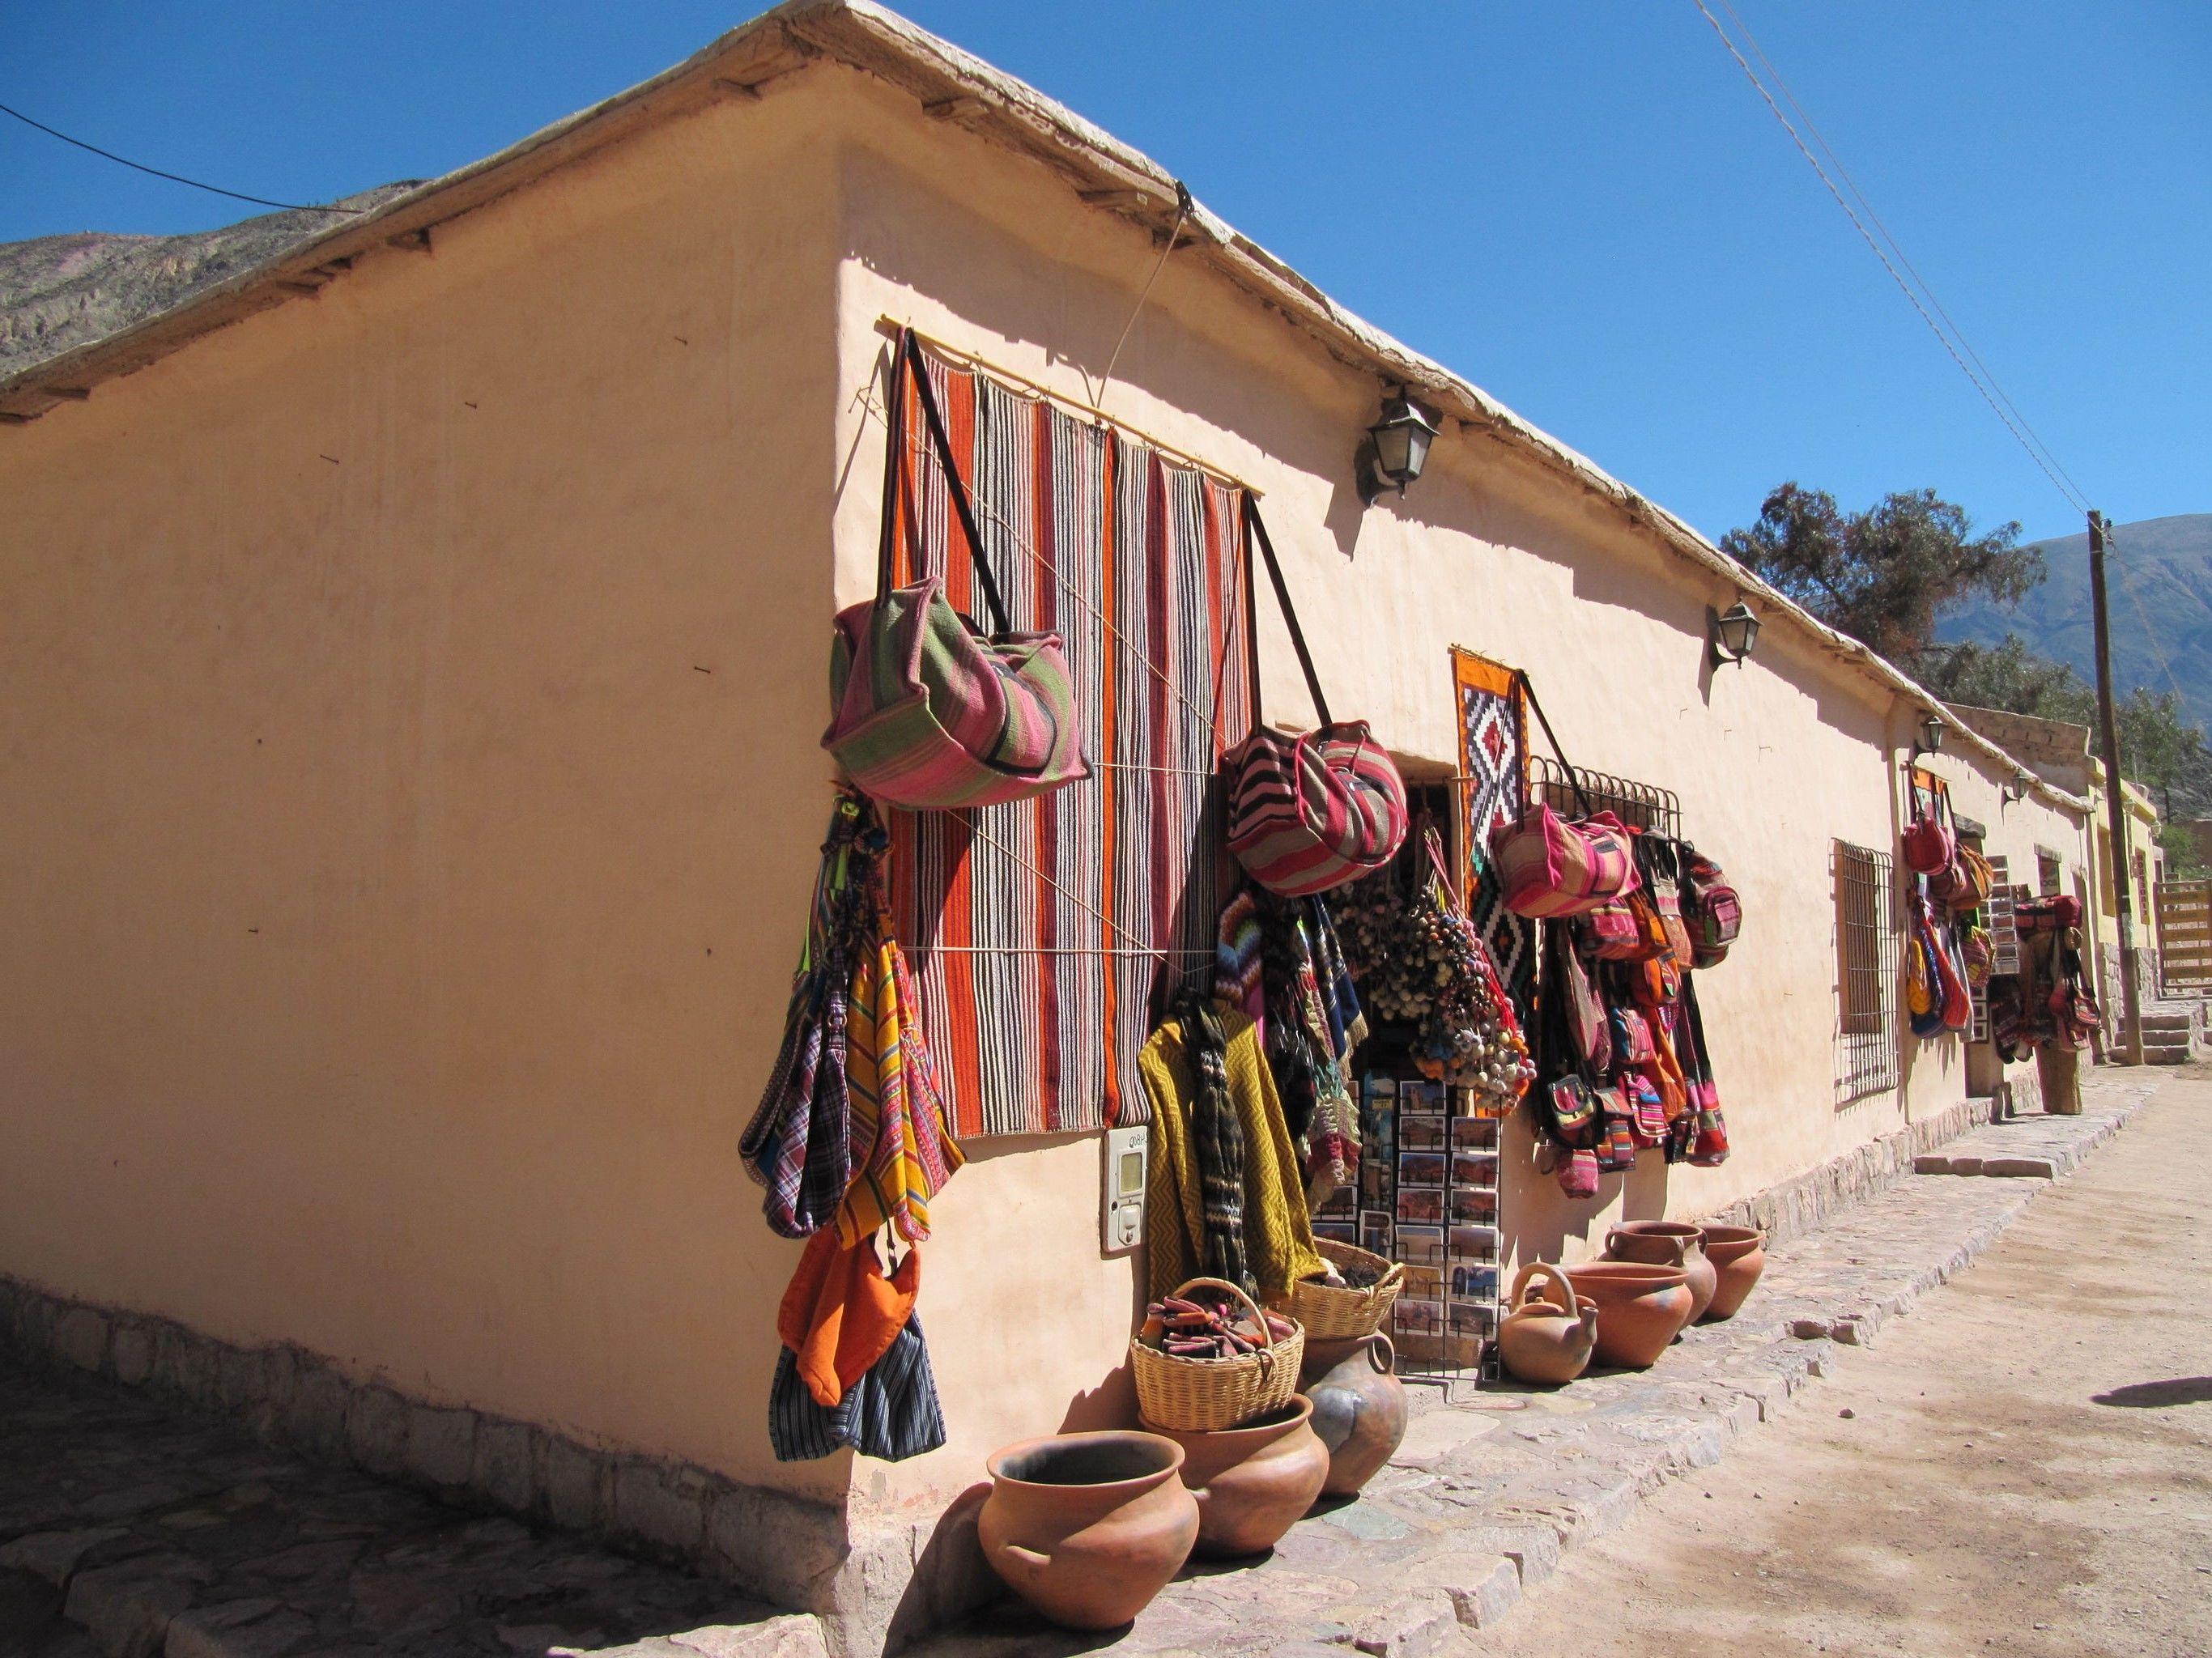 Sfeerimpressie Autorondreis: Het kleurrijke noorden rond Salta